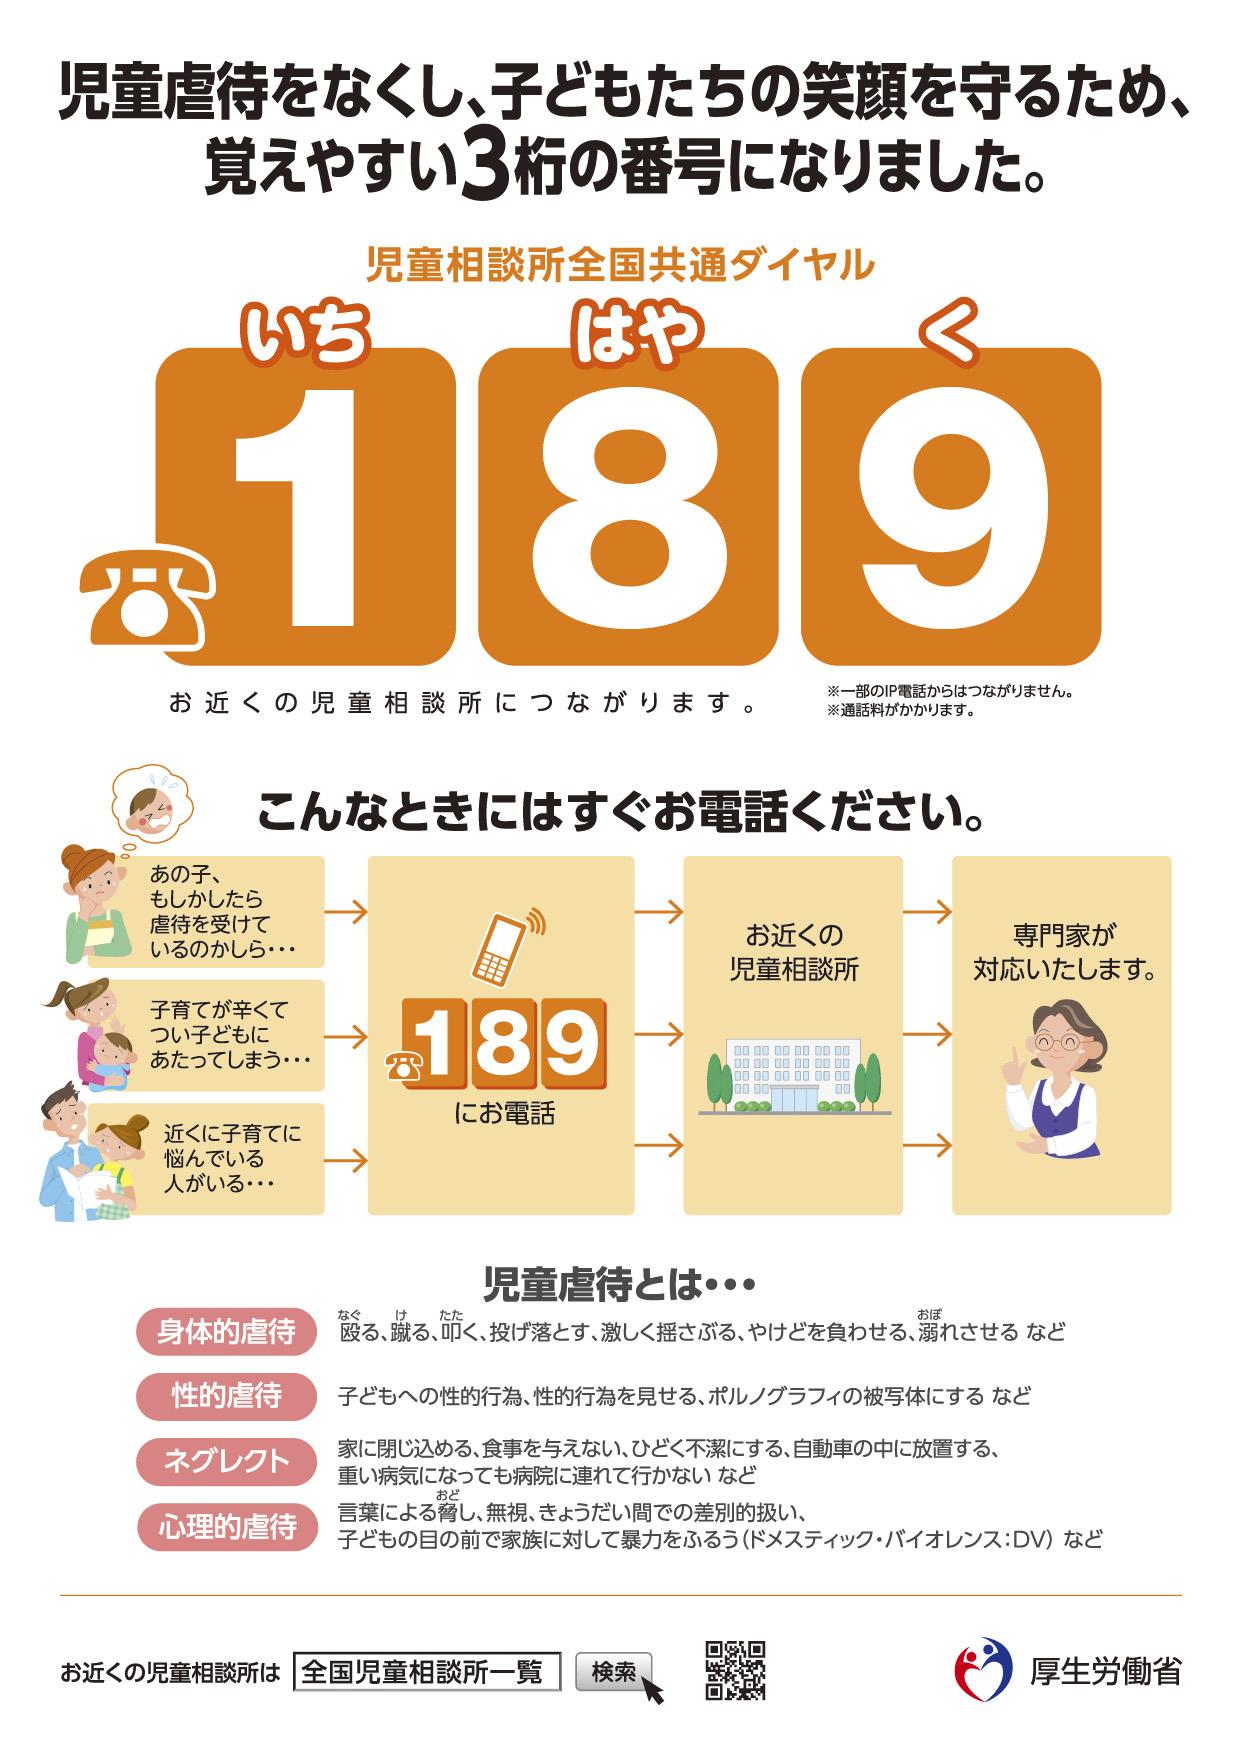 児童相談所全国共通ダイヤル「189」